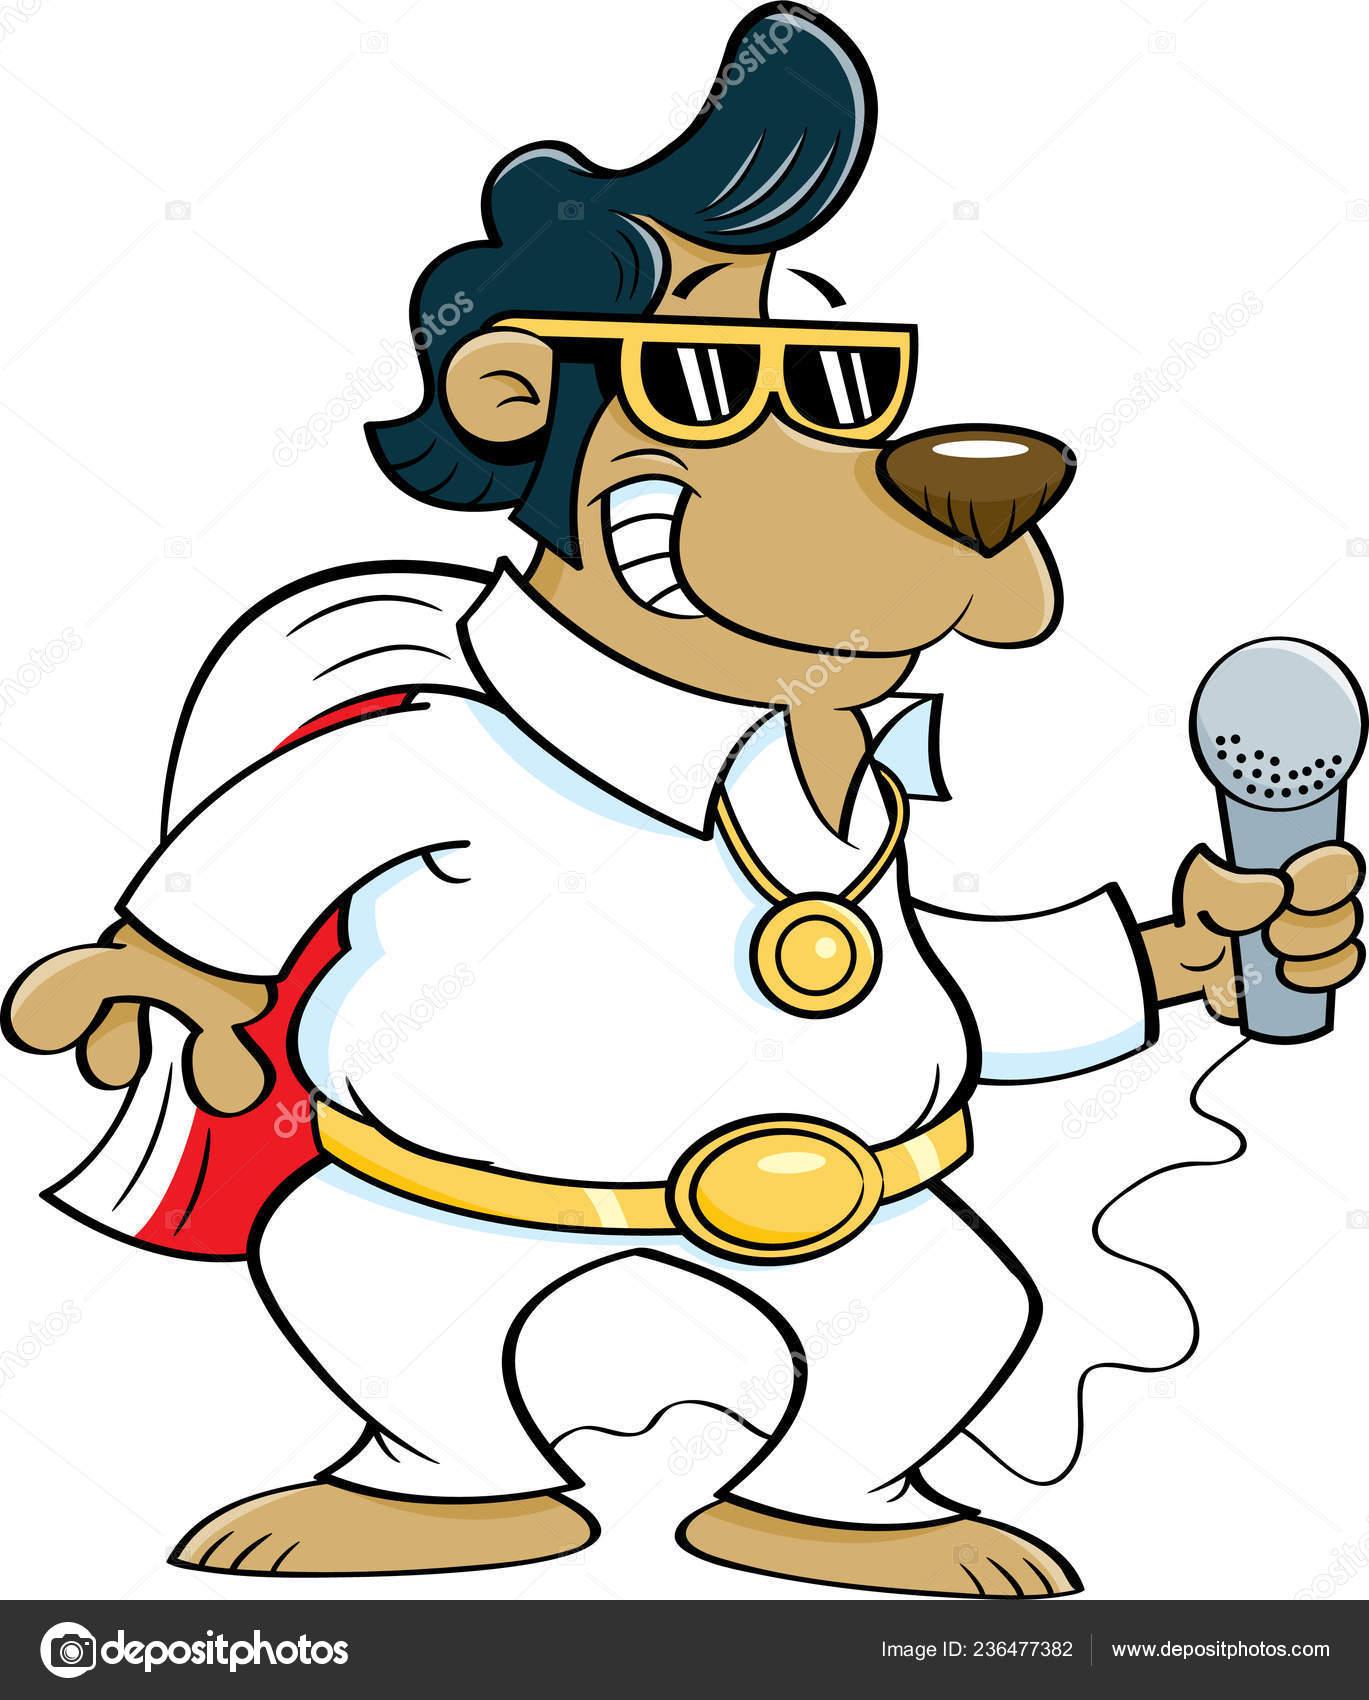 Ilustración Dibujos Animados Oso Disfrazado Cantante Rock